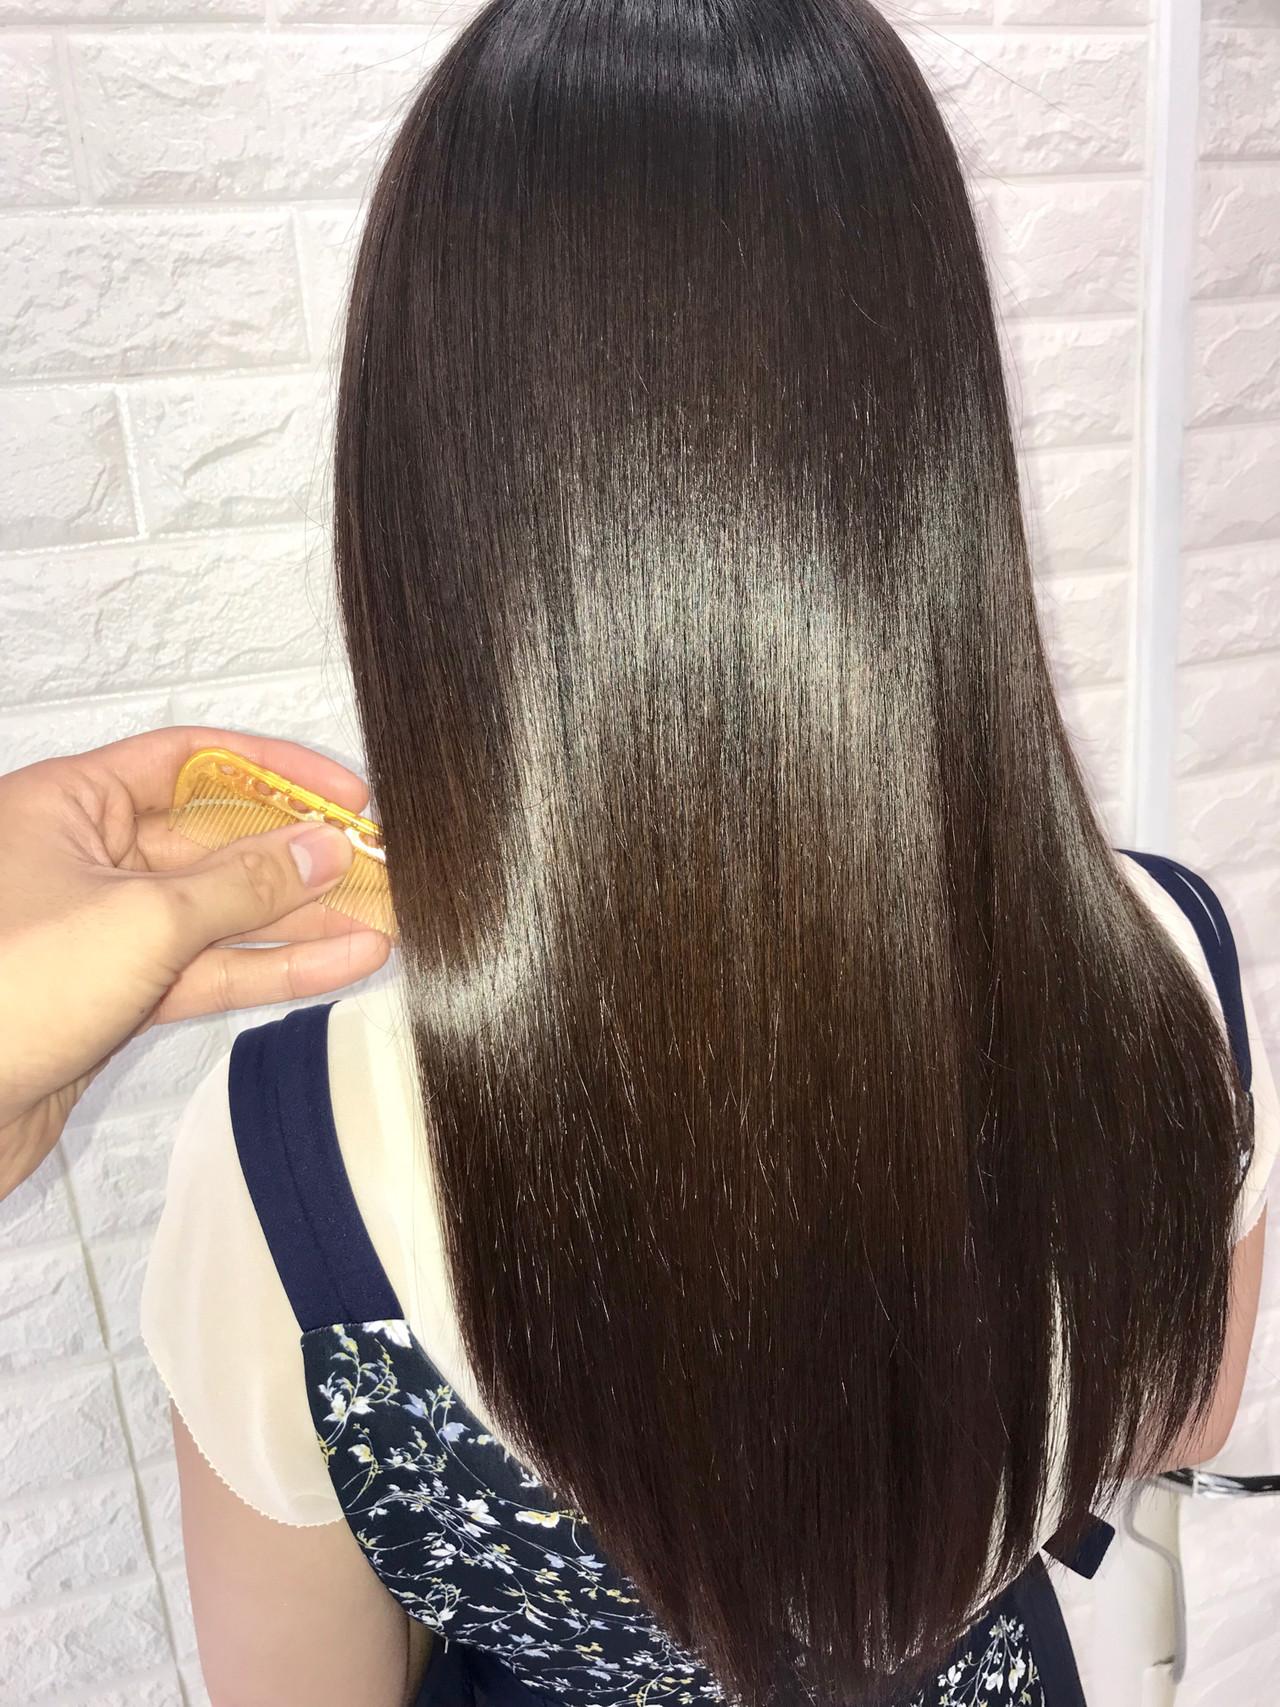 ナチュラル 髪質改善 髪質改善トリートメント ツヤ髪 ヘアスタイルや髪型の写真・画像 | 大西 正海 / seasons by  marbles